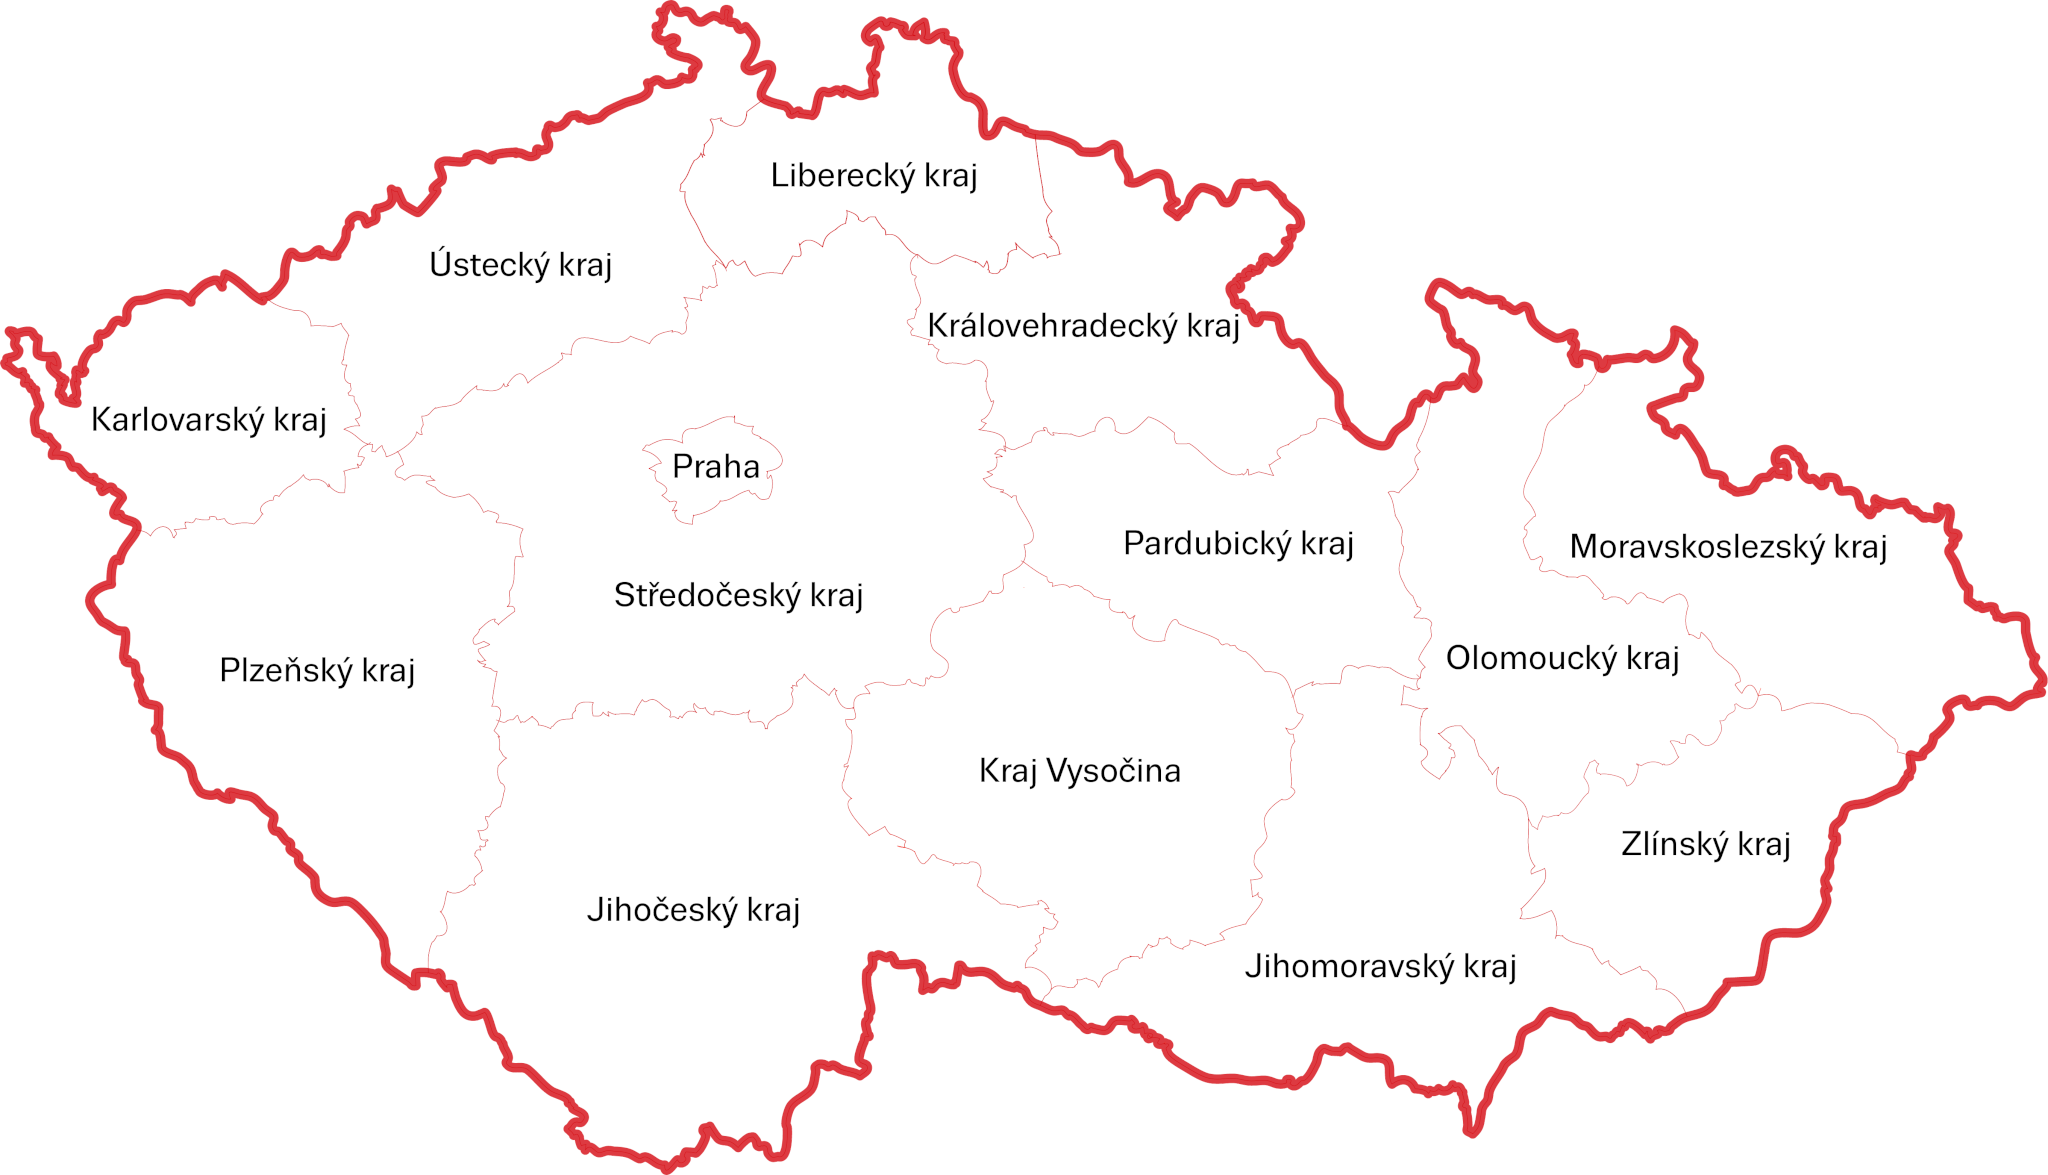 Mapa české republiky rozdělená podle krajů 88a4942f79